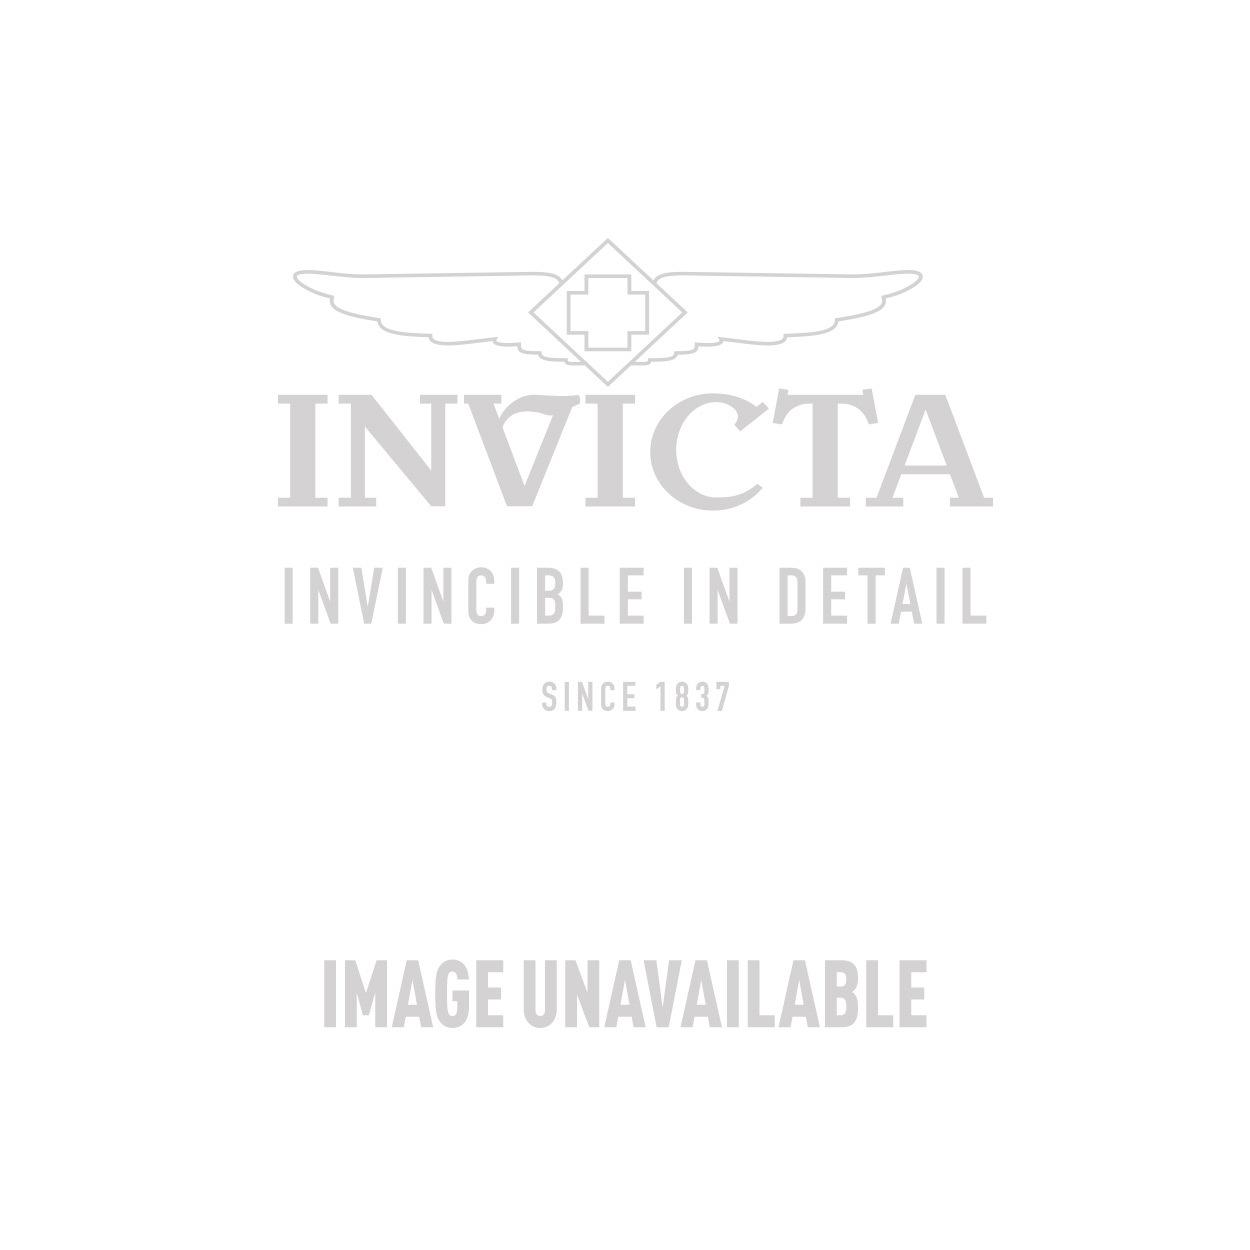 Invicta Model 25261